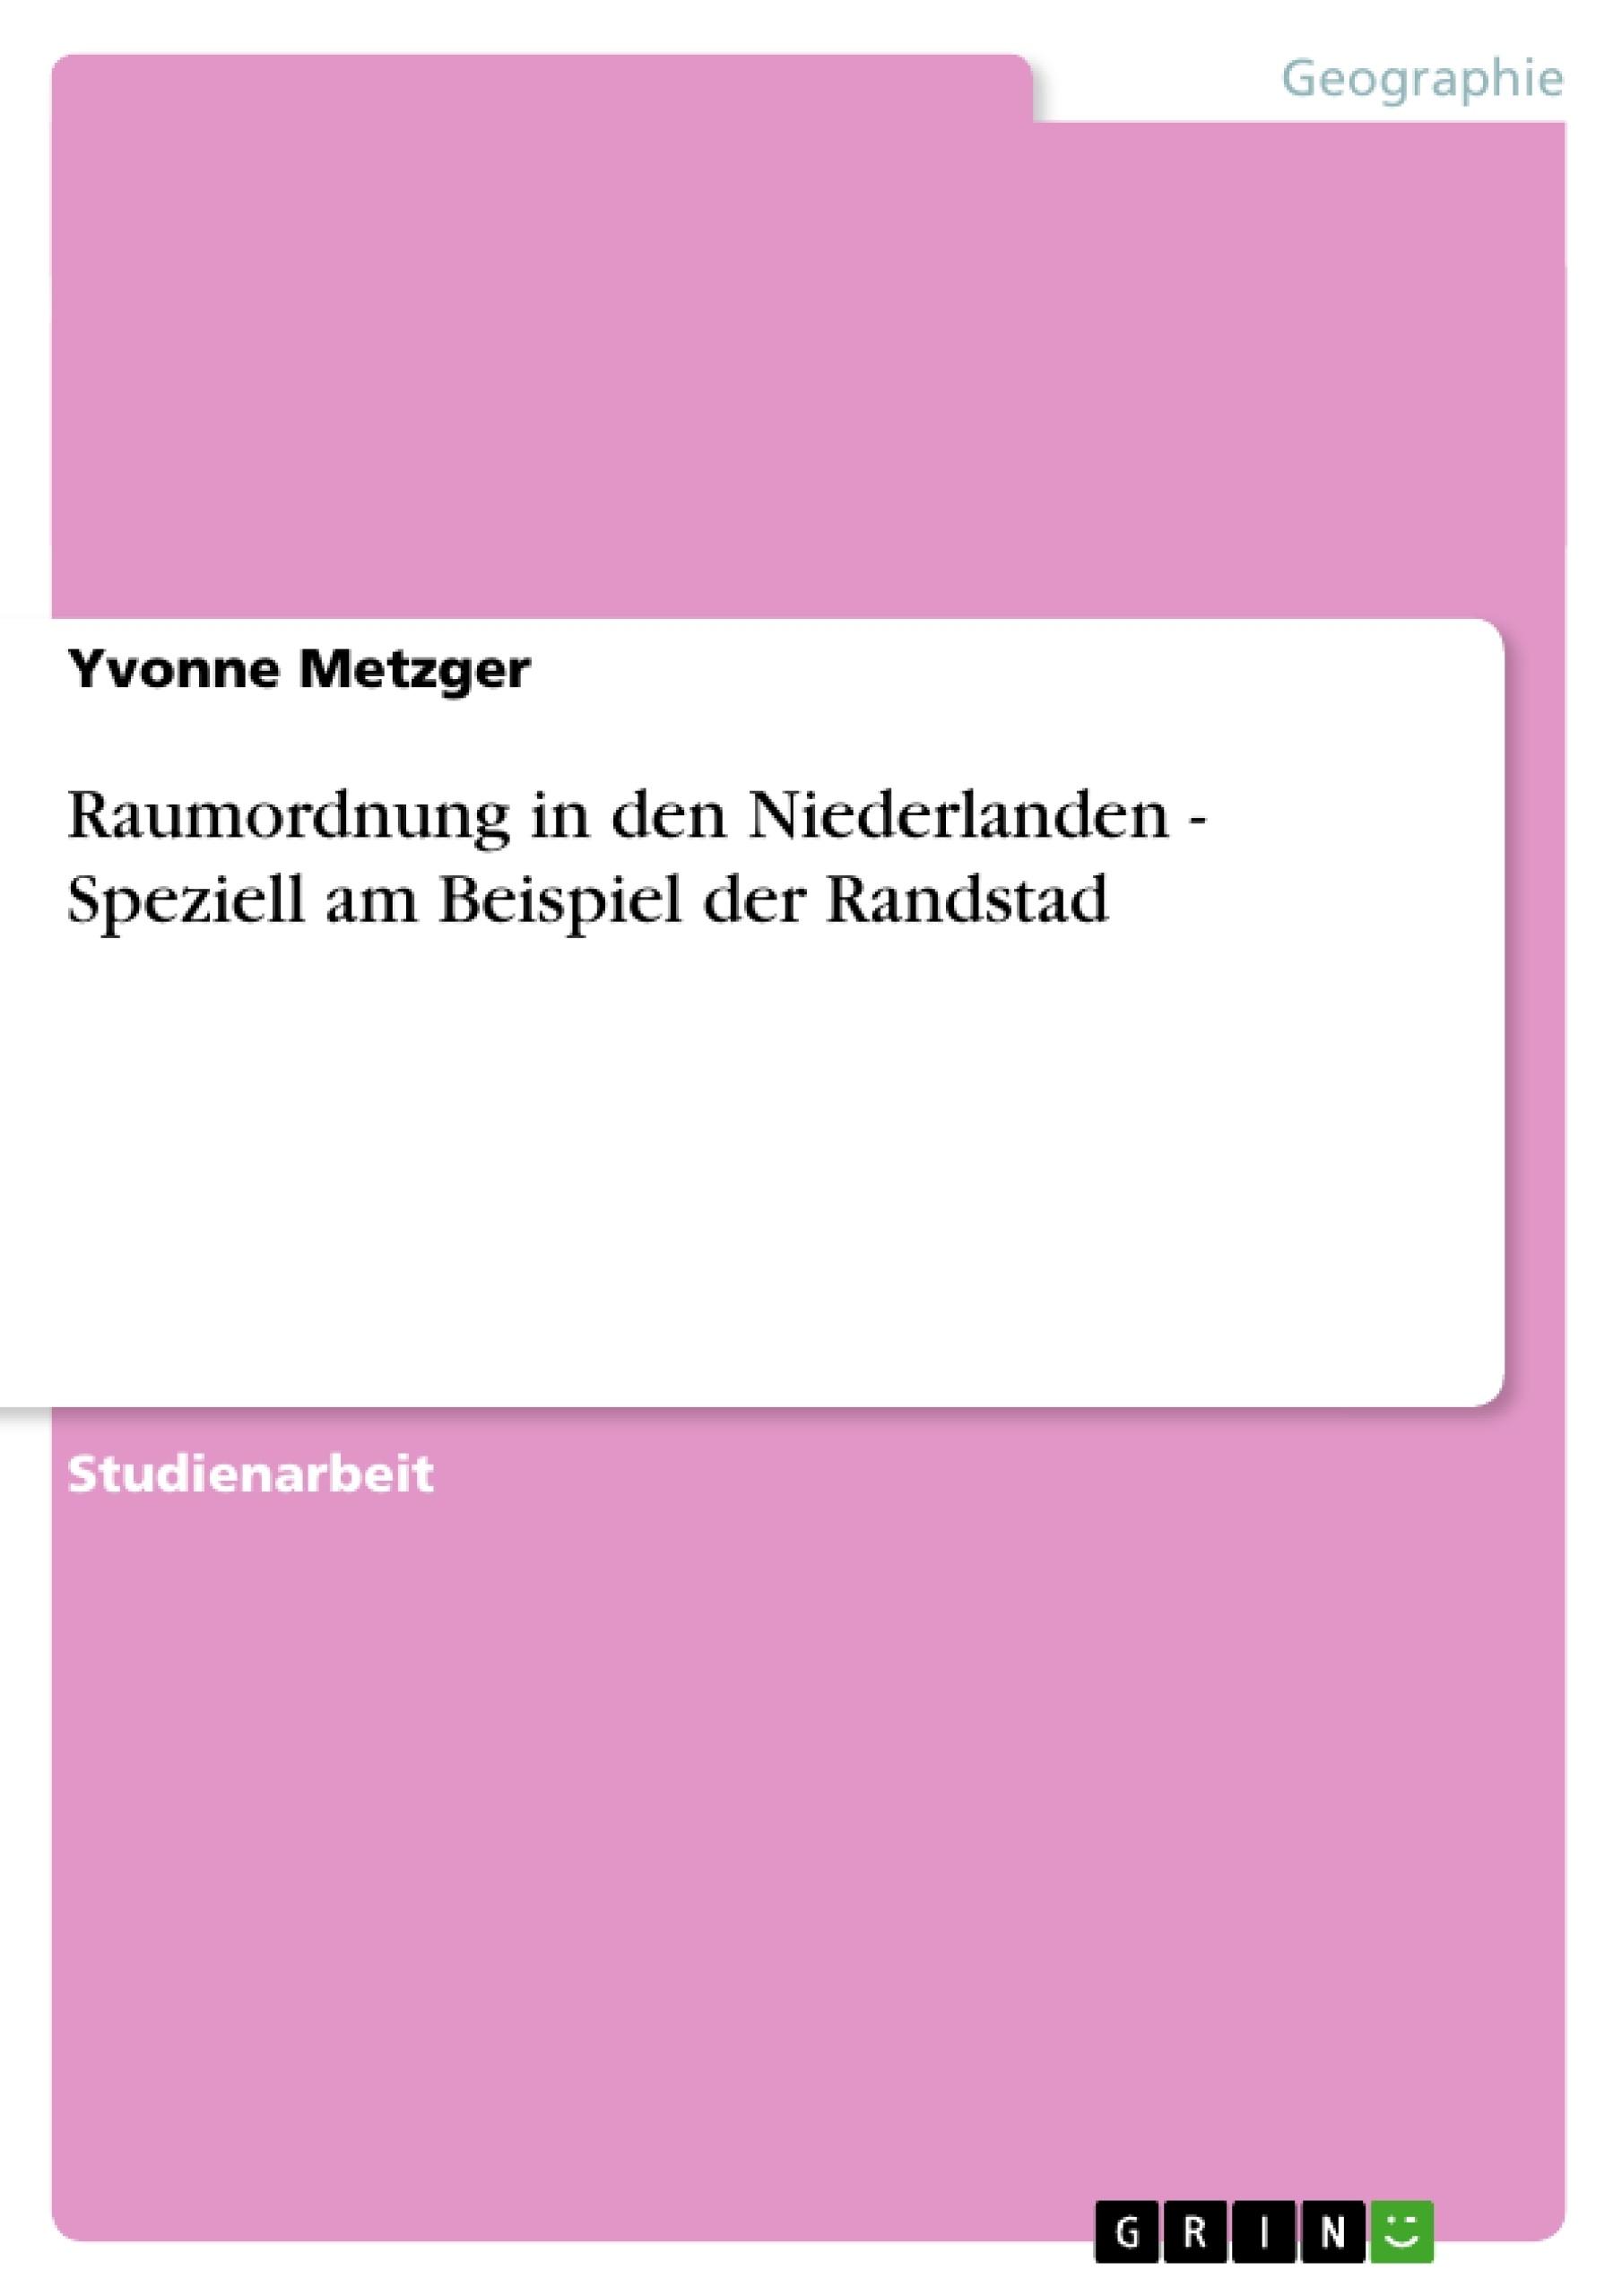 Titel: Raumordnung in den Niederlanden - Speziell am Beispiel der Randstad